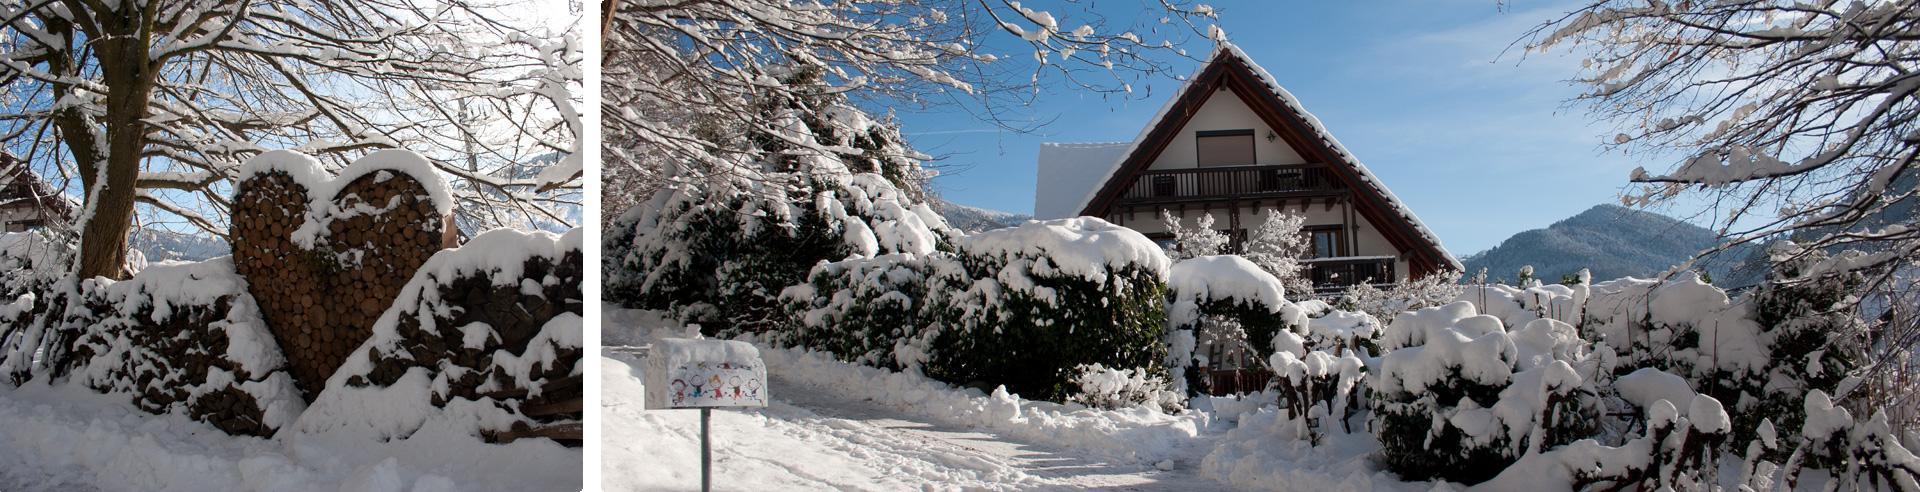 Das Roseneck im Schnee